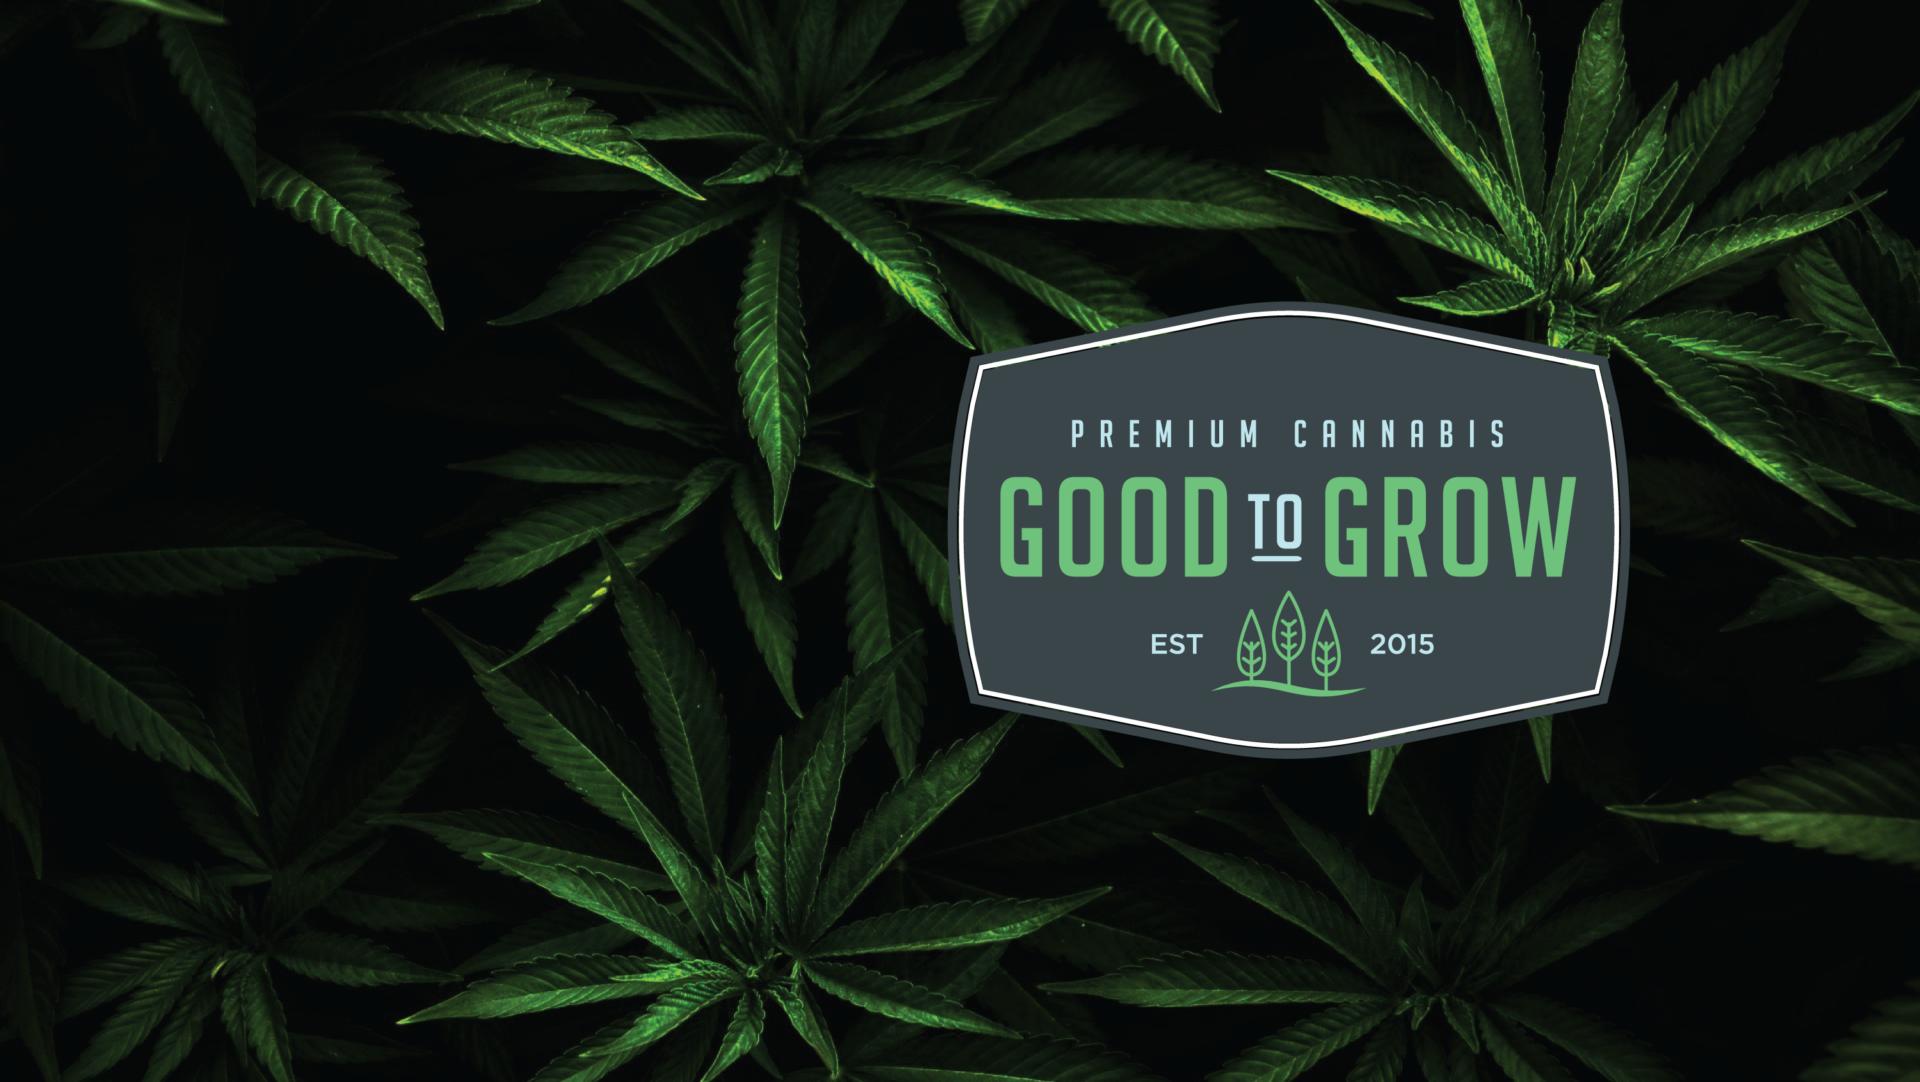 Good to Grow Cannabis